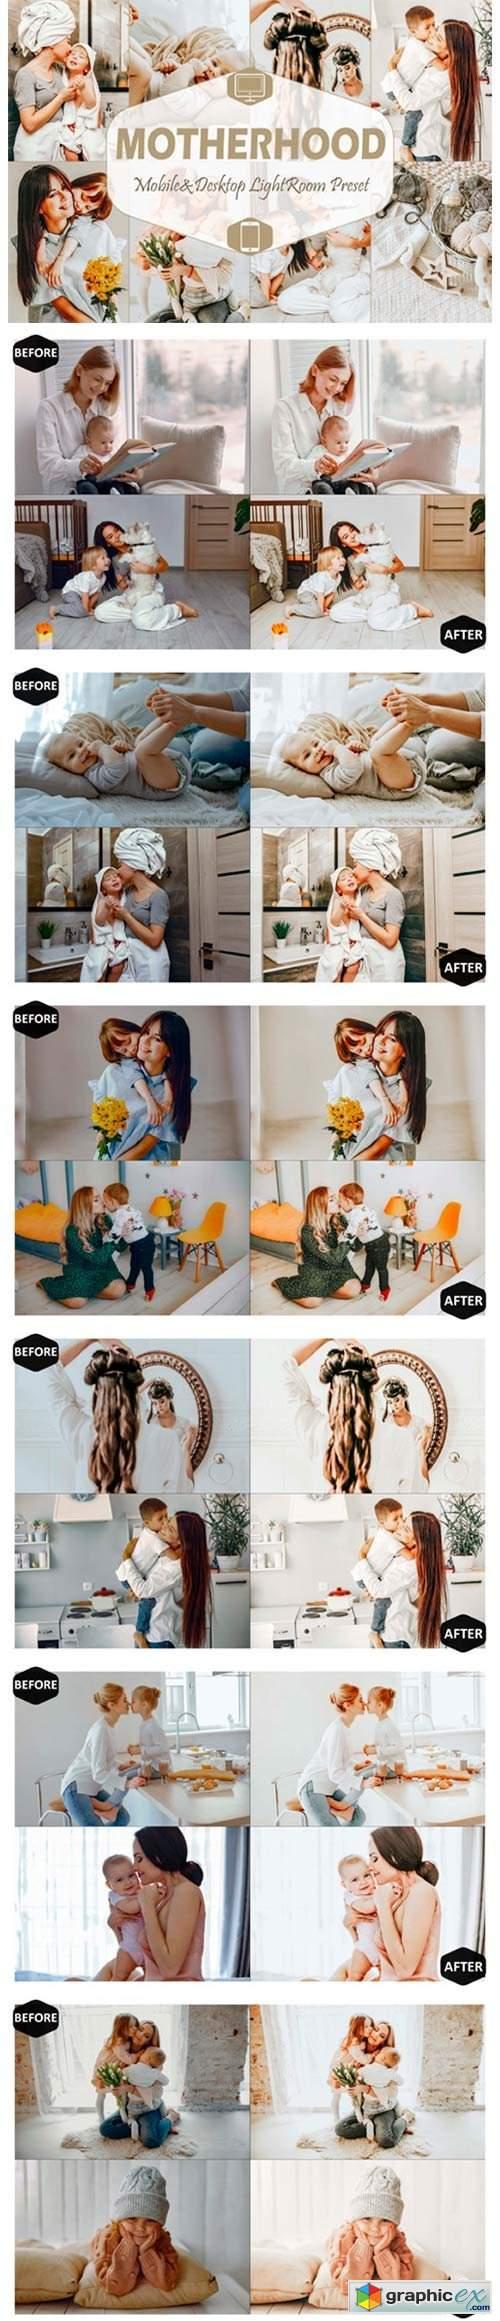 10 Motherhood Mobile Lightroom Presets